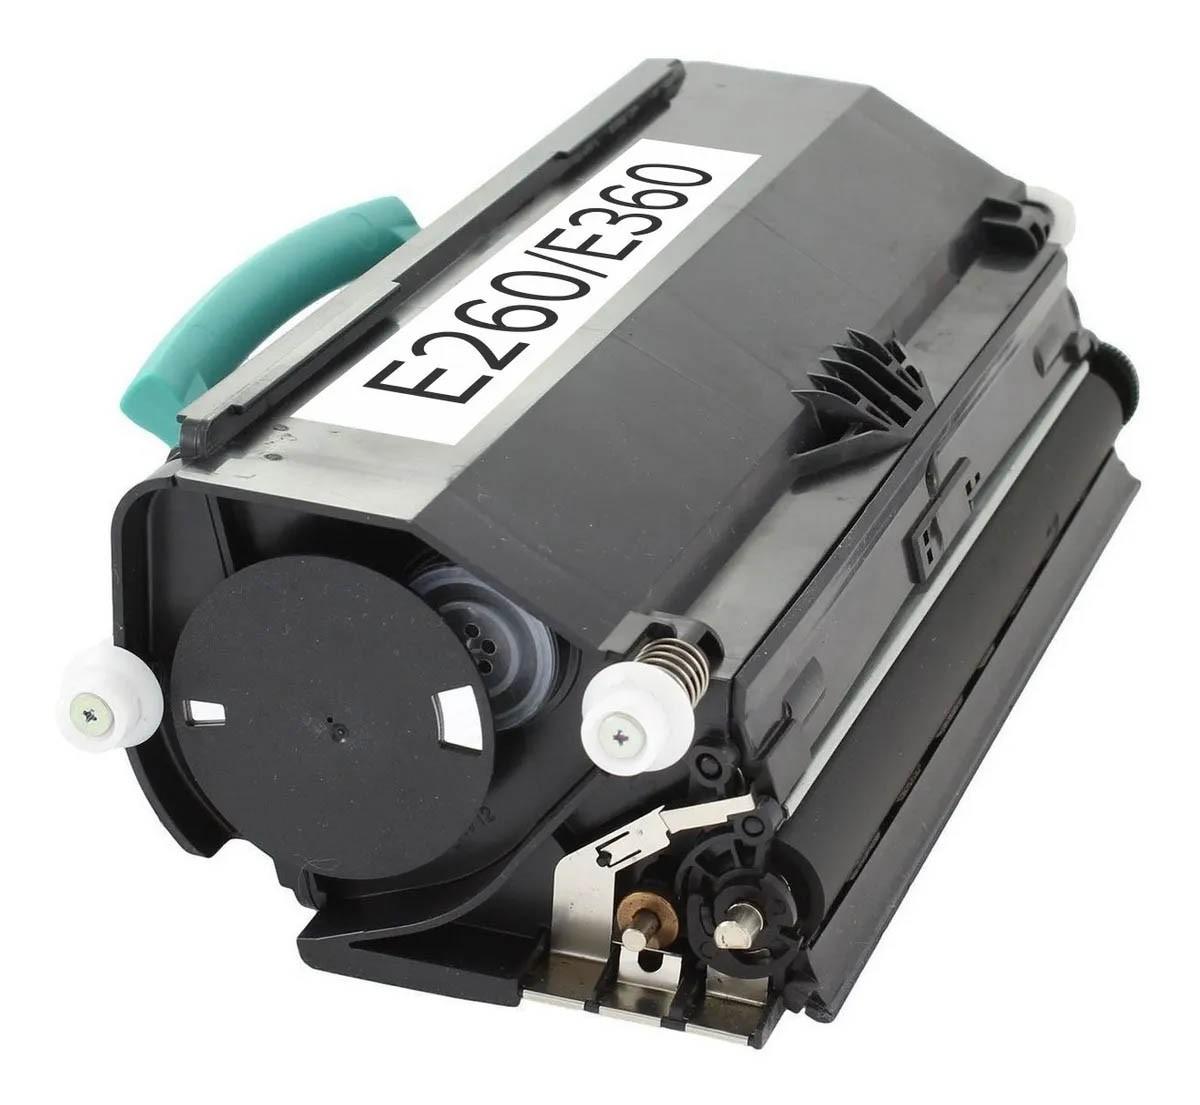 Cartucho Tonner Preto P/ Impressoras Laser Compatível E260 E360 E460 - 3.5K